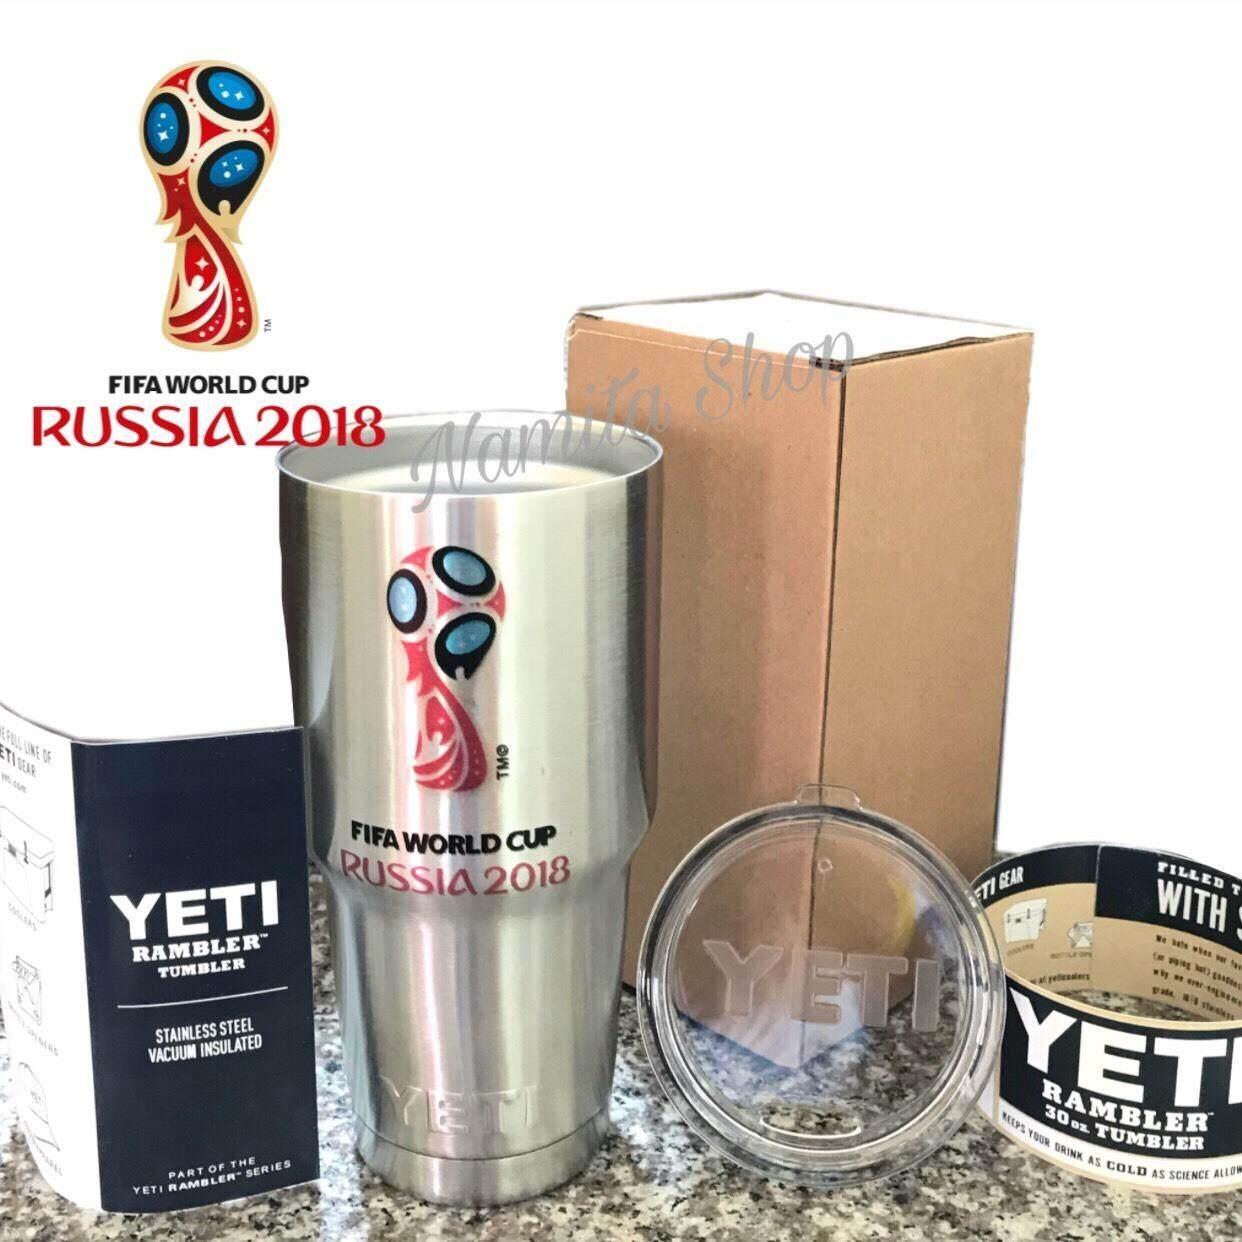 ส่วนลด สินค้า Yeti Rambler แก้วเก็บความเย็น เก็บน้ำแข็งได้นาน 24ชั่วโมง ขนาด 30 ออนซ์ รุ่น Rare Item